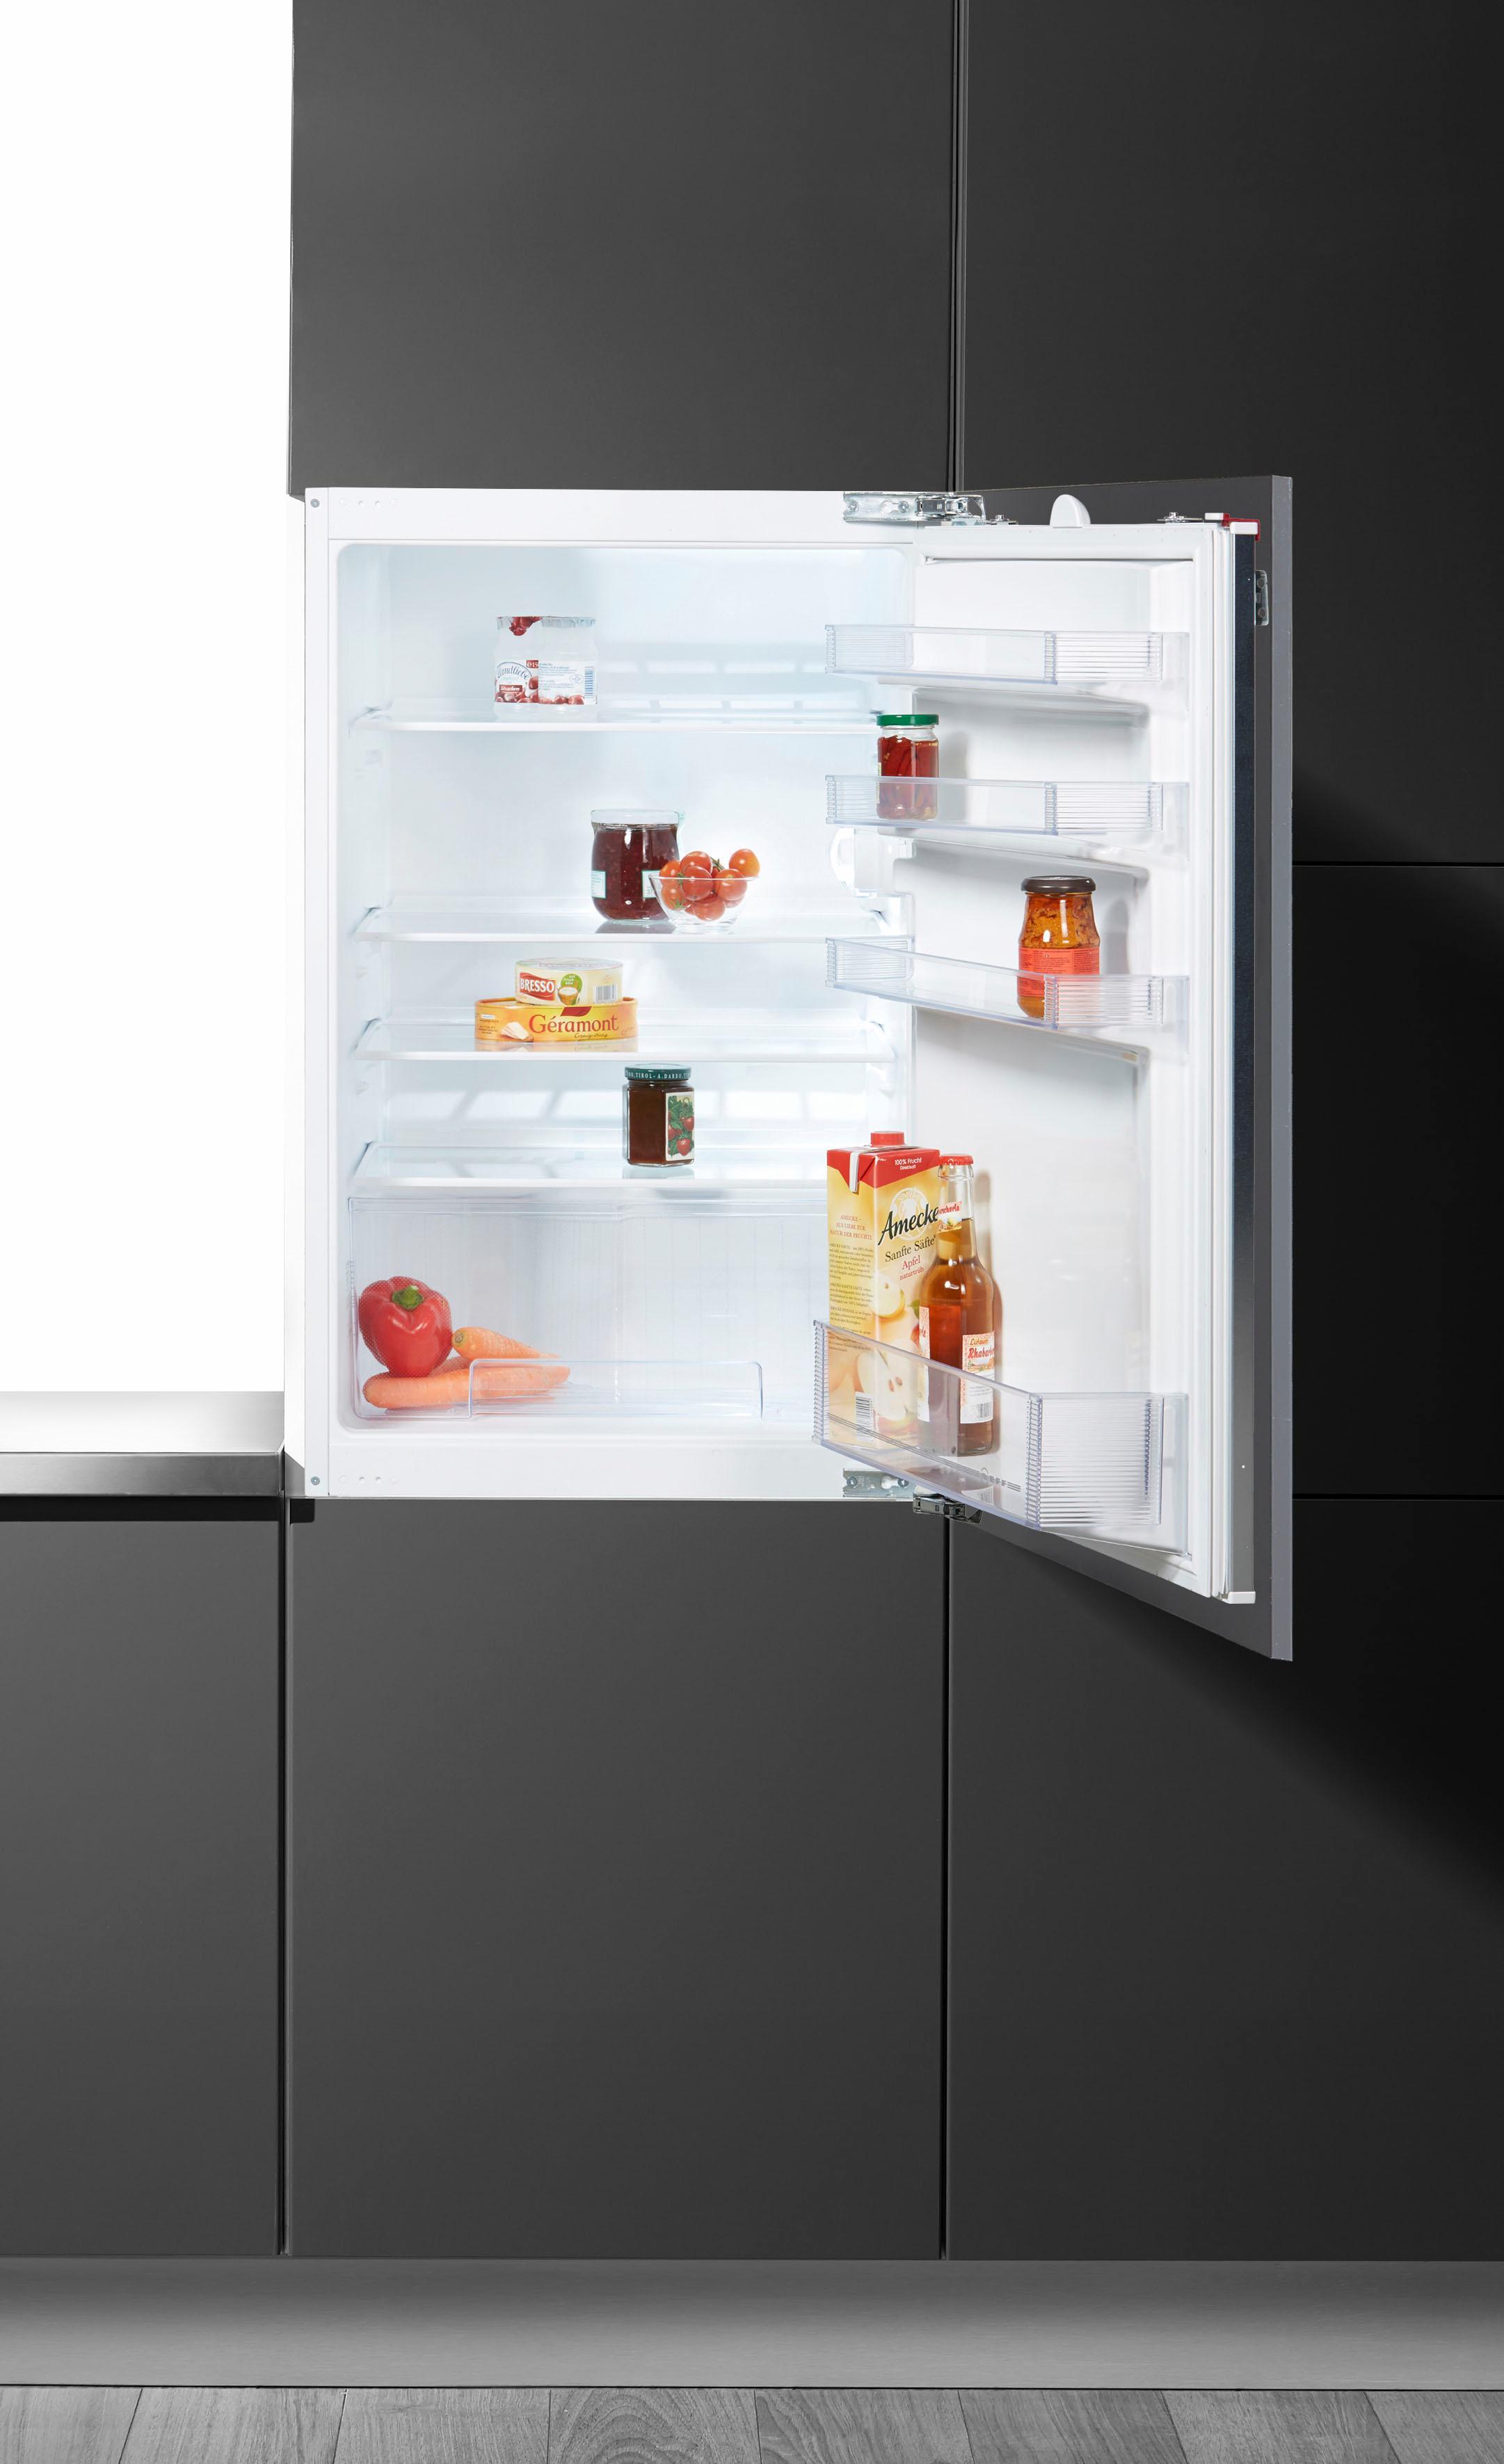 NEFF Einbaukühlschrank 874 cm hoch 541 cm breit | Küche und Esszimmer > Küchenelektrogeräte > Kühlschränke | Weiß | NEFF